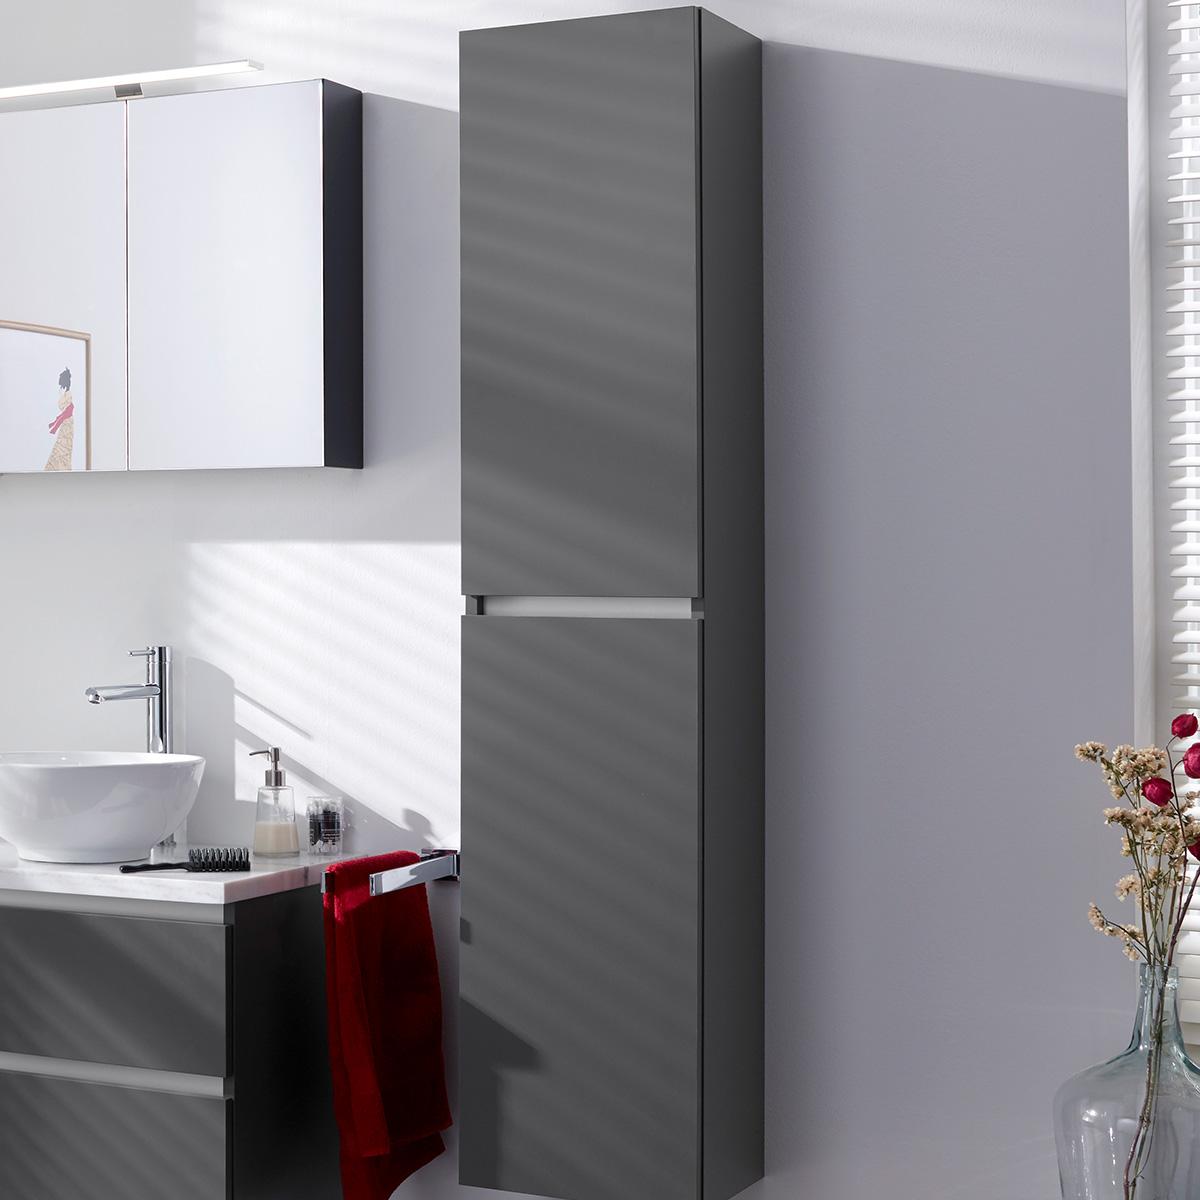 Hoge badkamerkast hoogglans antraciet 35x35x160h cm for Hoge badkamerkast